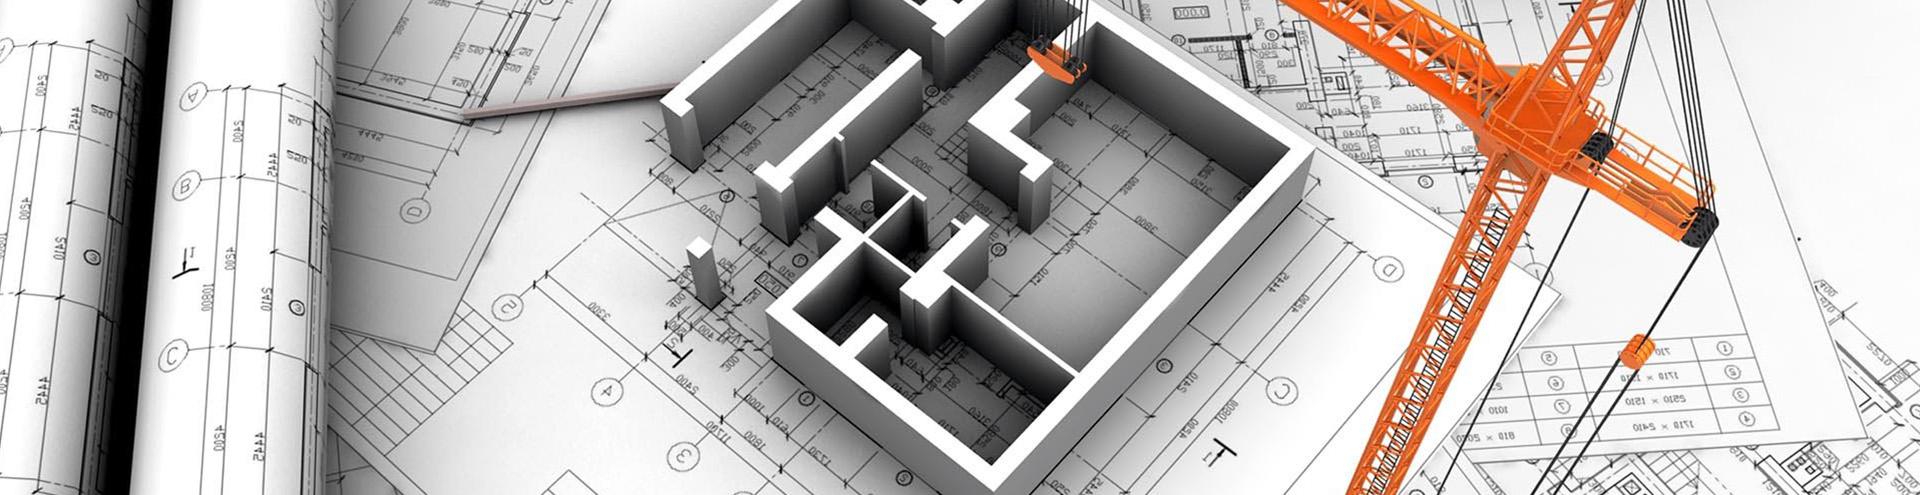 Получение разрешения на реконструкцию здания в Липецке и Липецкой области